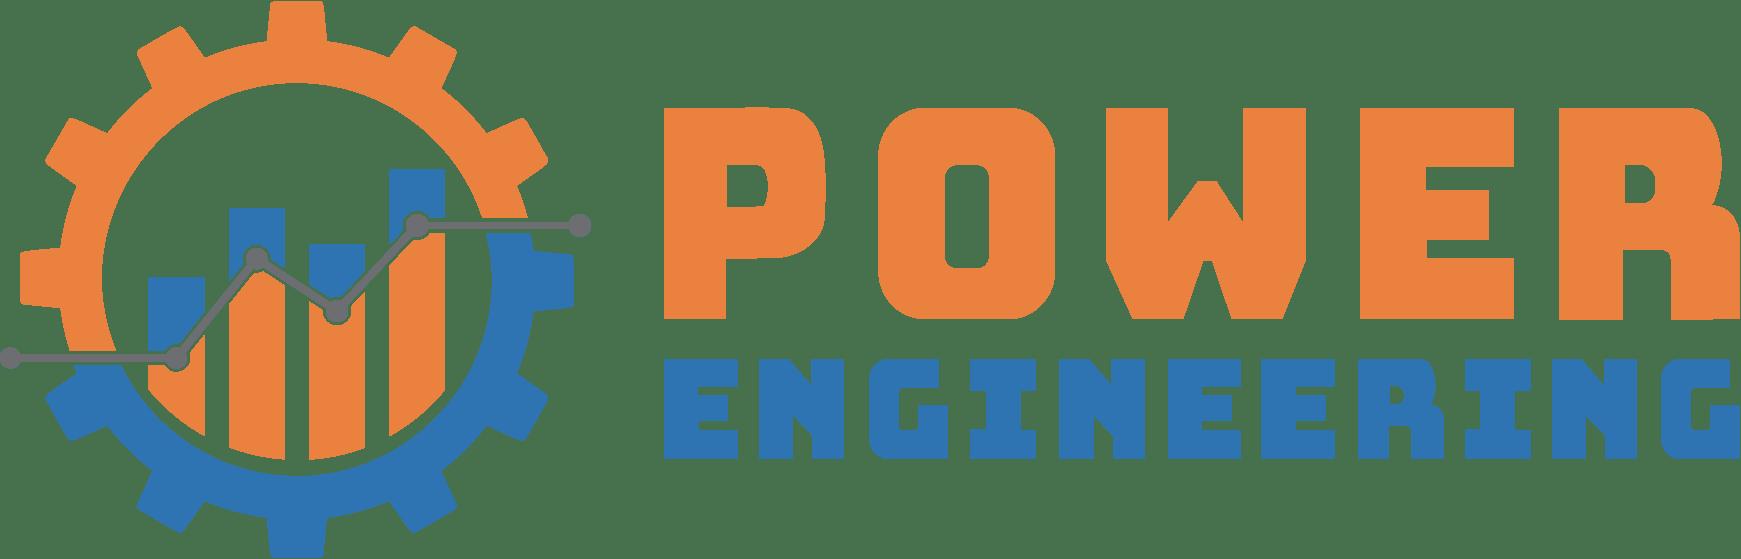 Постачання електроенергії та газу на зручних і вигідних умовах - ТОВ Павер Інжиніринг